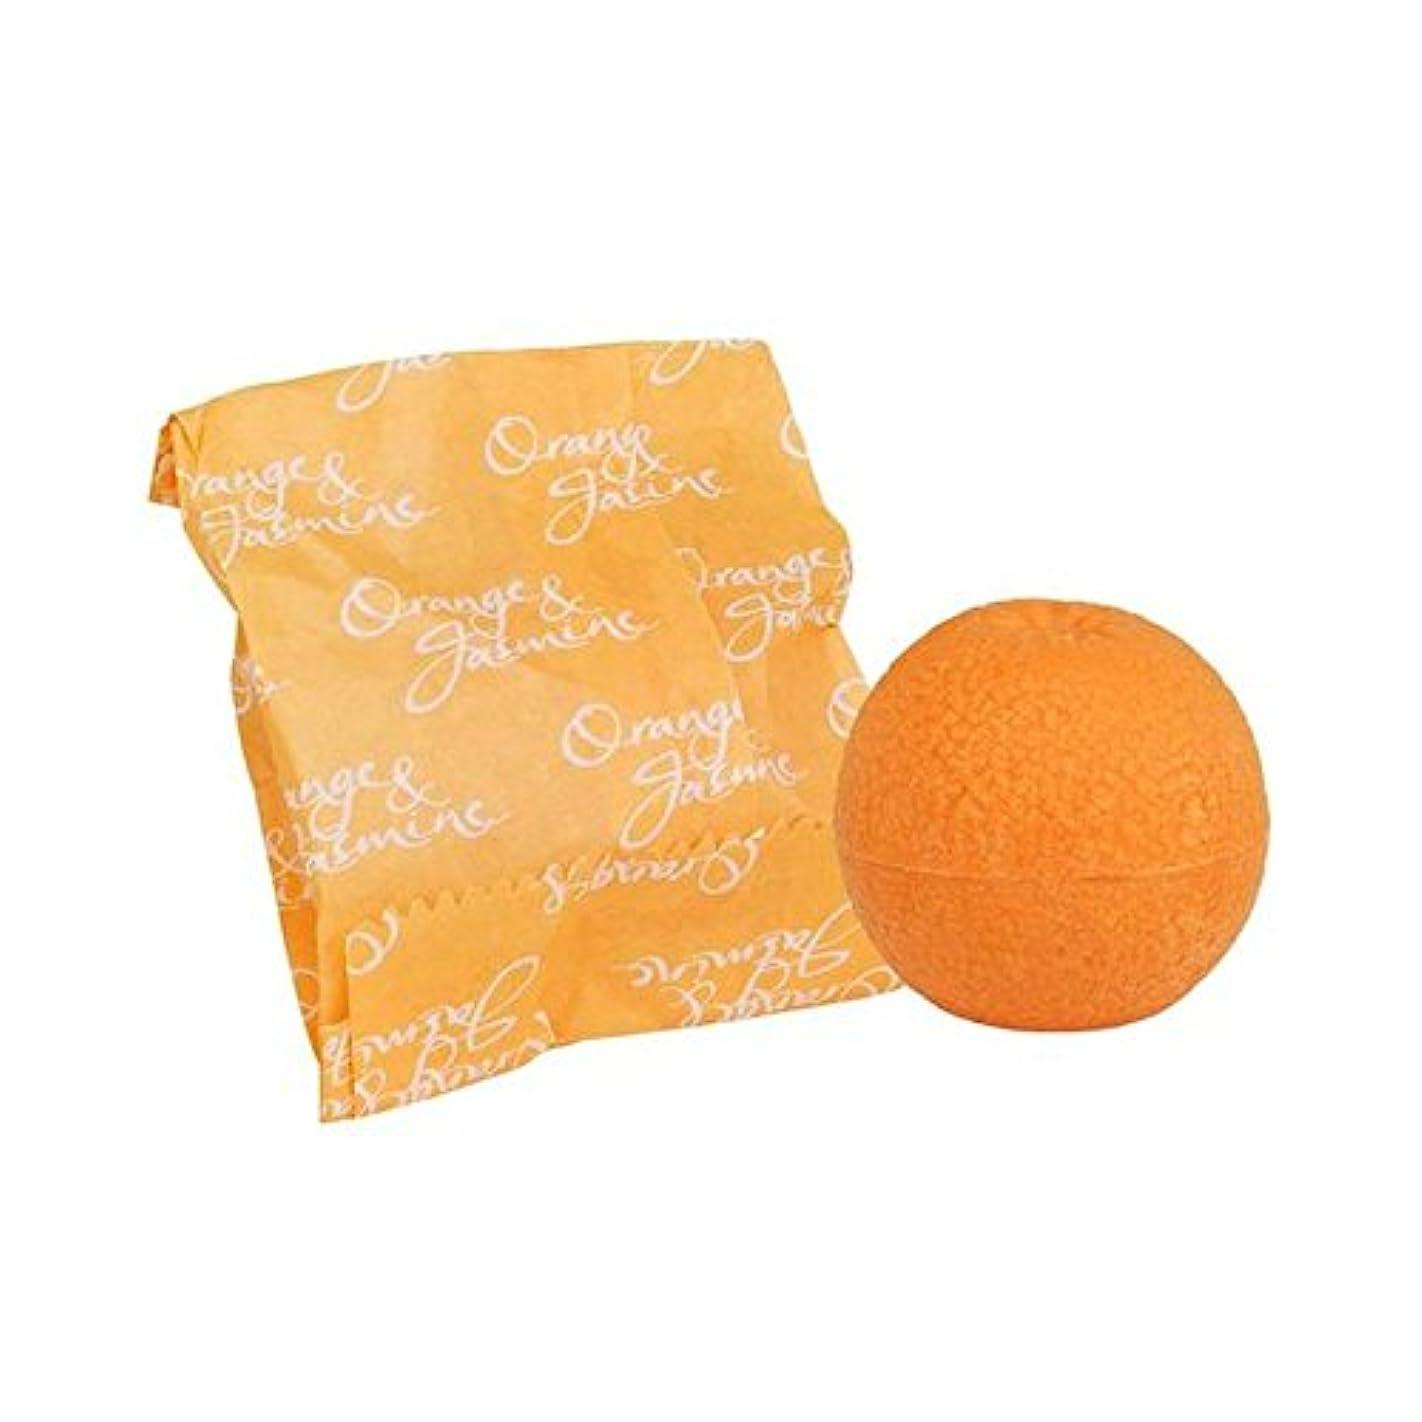 代わりに応用困惑Bronnley Orange & Jasmine Soap 100g (Pack of 6) - オレンジ&ジャスミン石鹸100グラム x6 [並行輸入品]